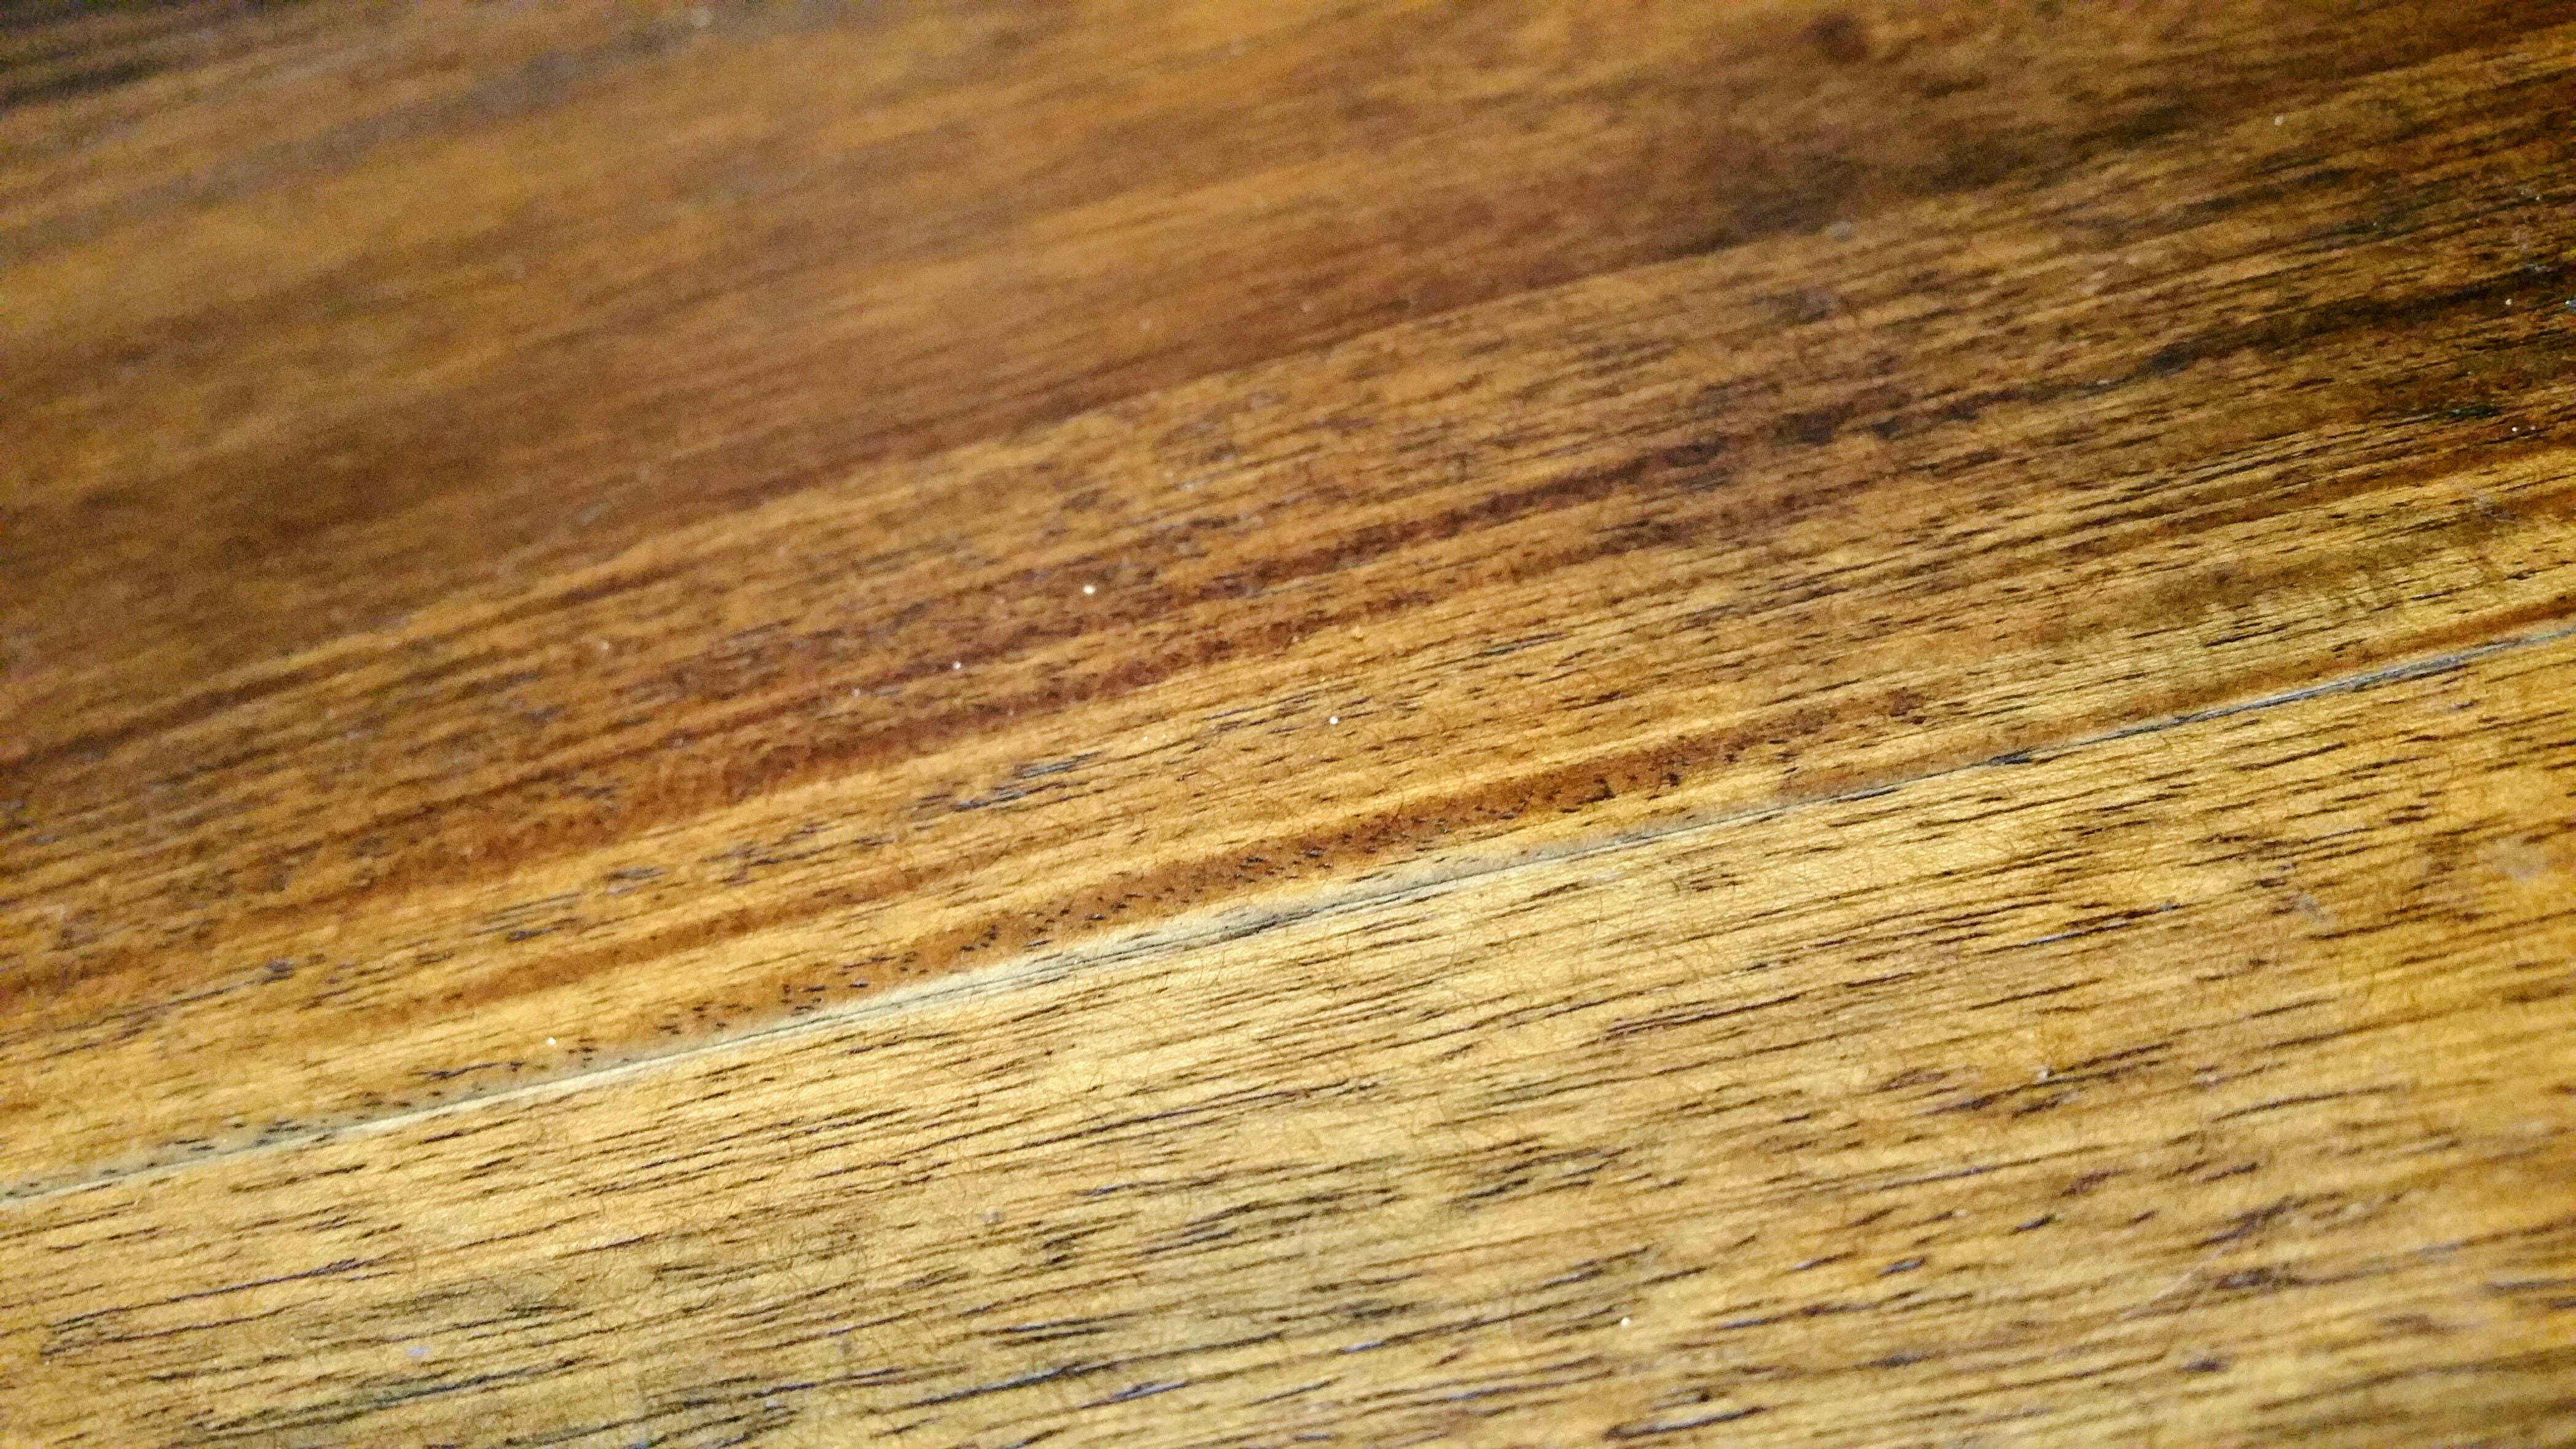 Kostnadsfri bild av grov, hårt träslag, makro, närbild